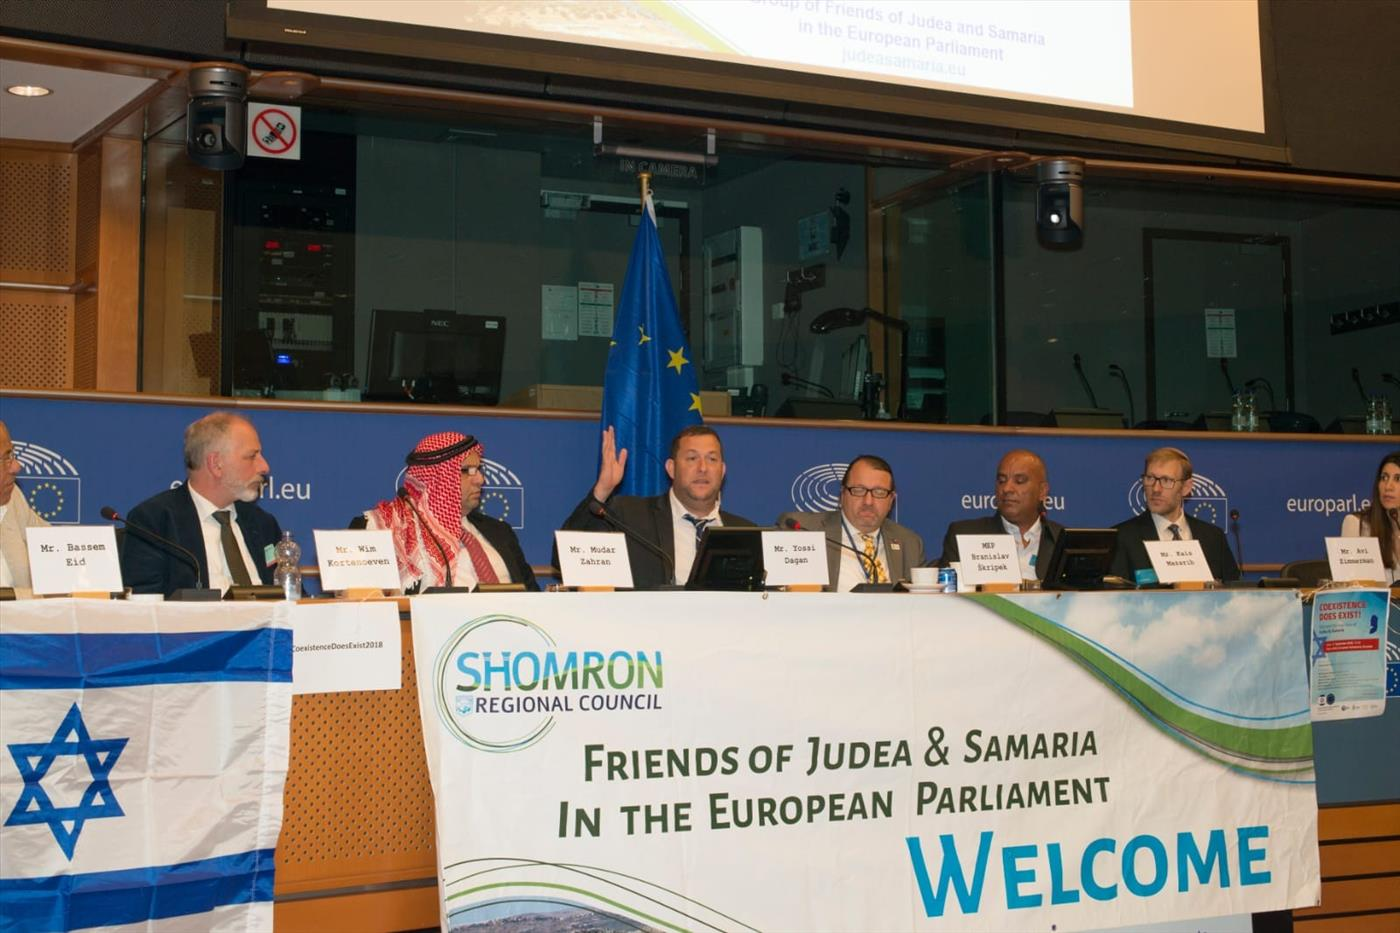 """דגן נואם בפרלמנט האיחוד האירופי מוא""""ז שוומרון"""